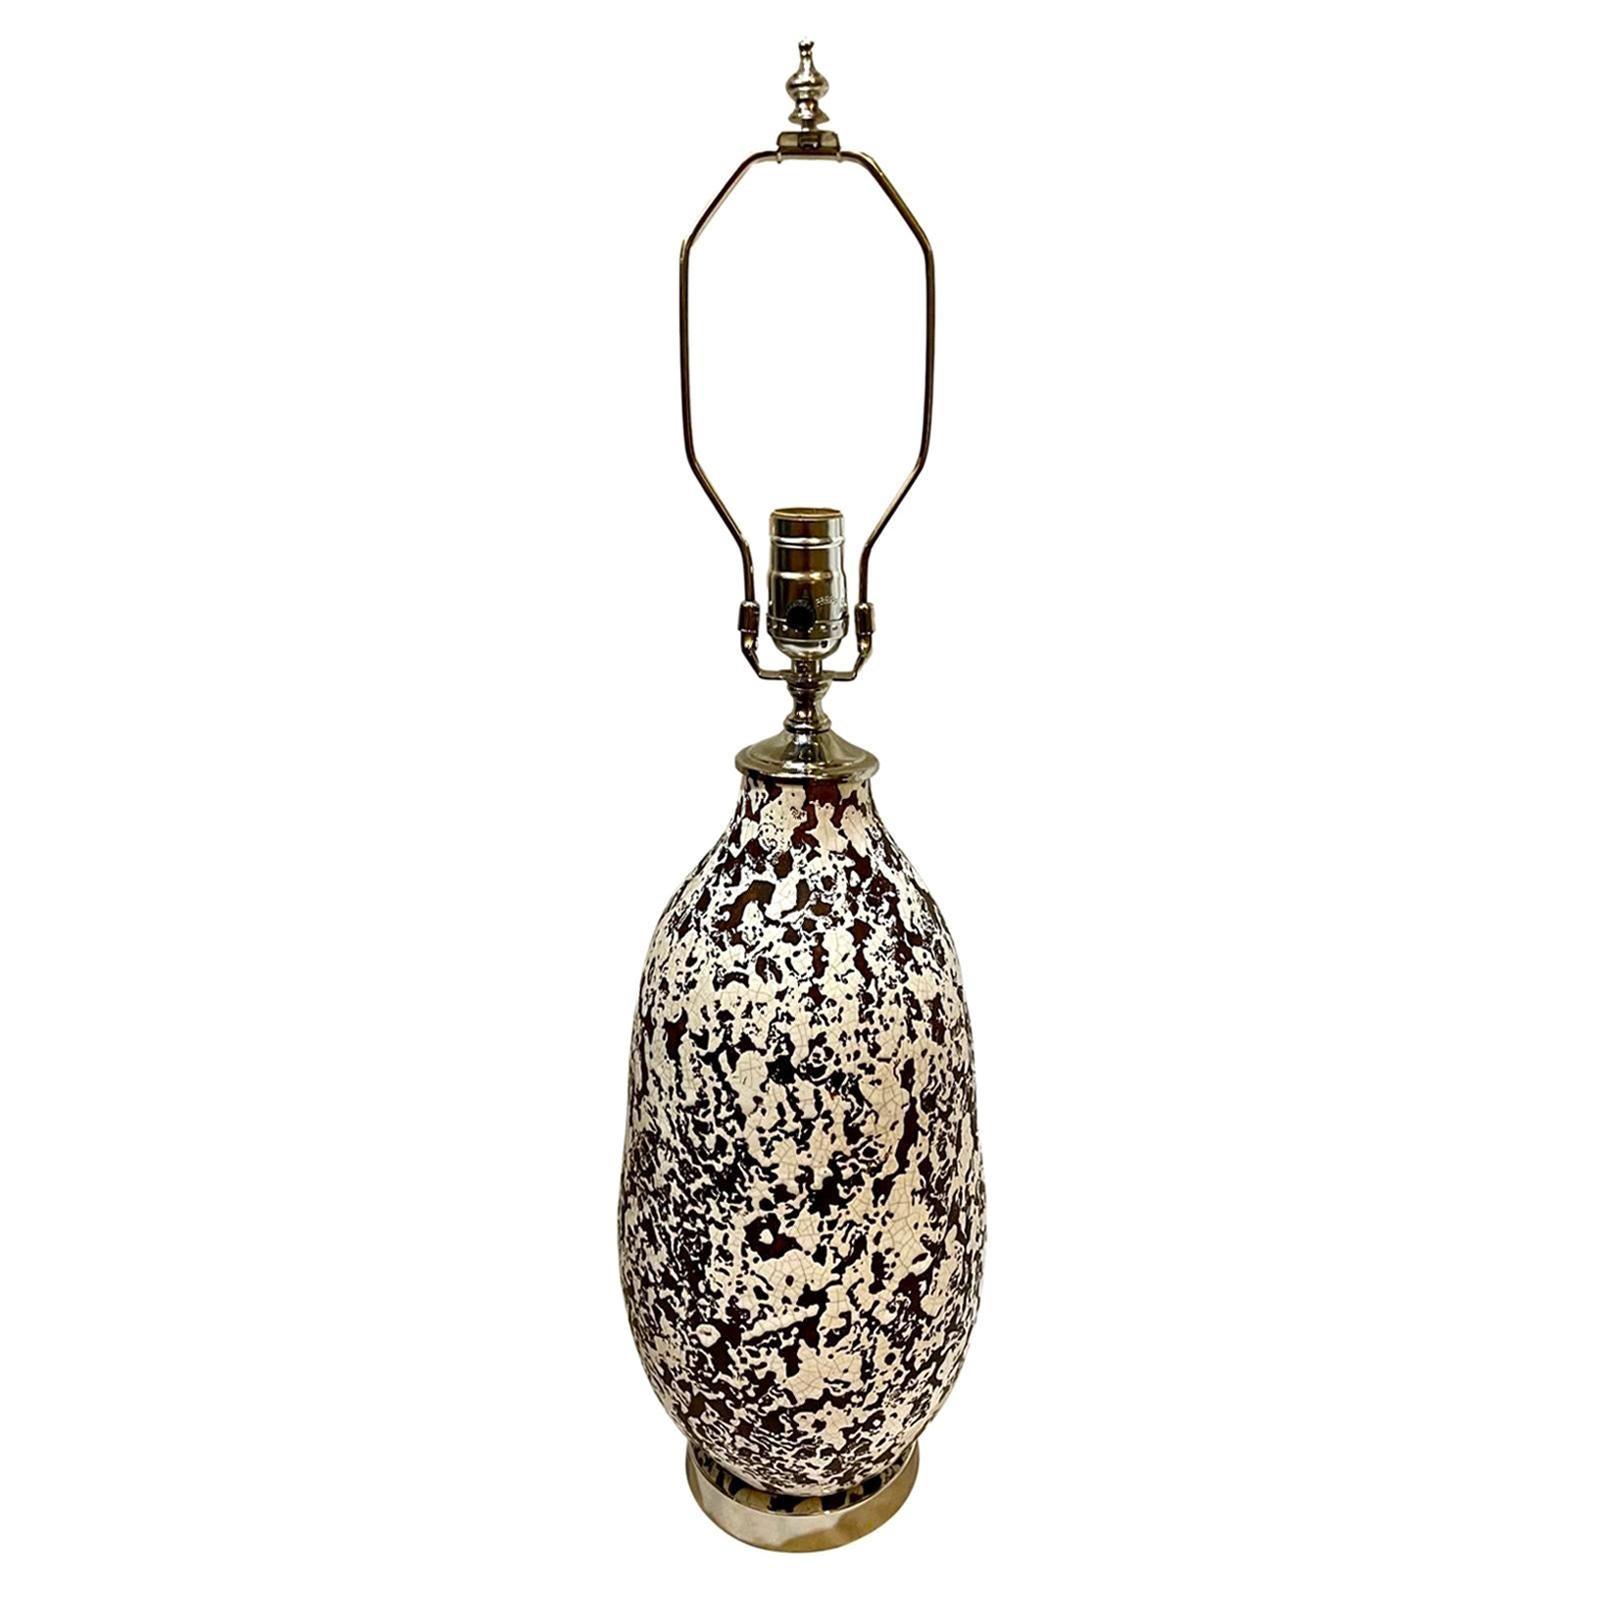 Midcentury Ceramic Table Lamp